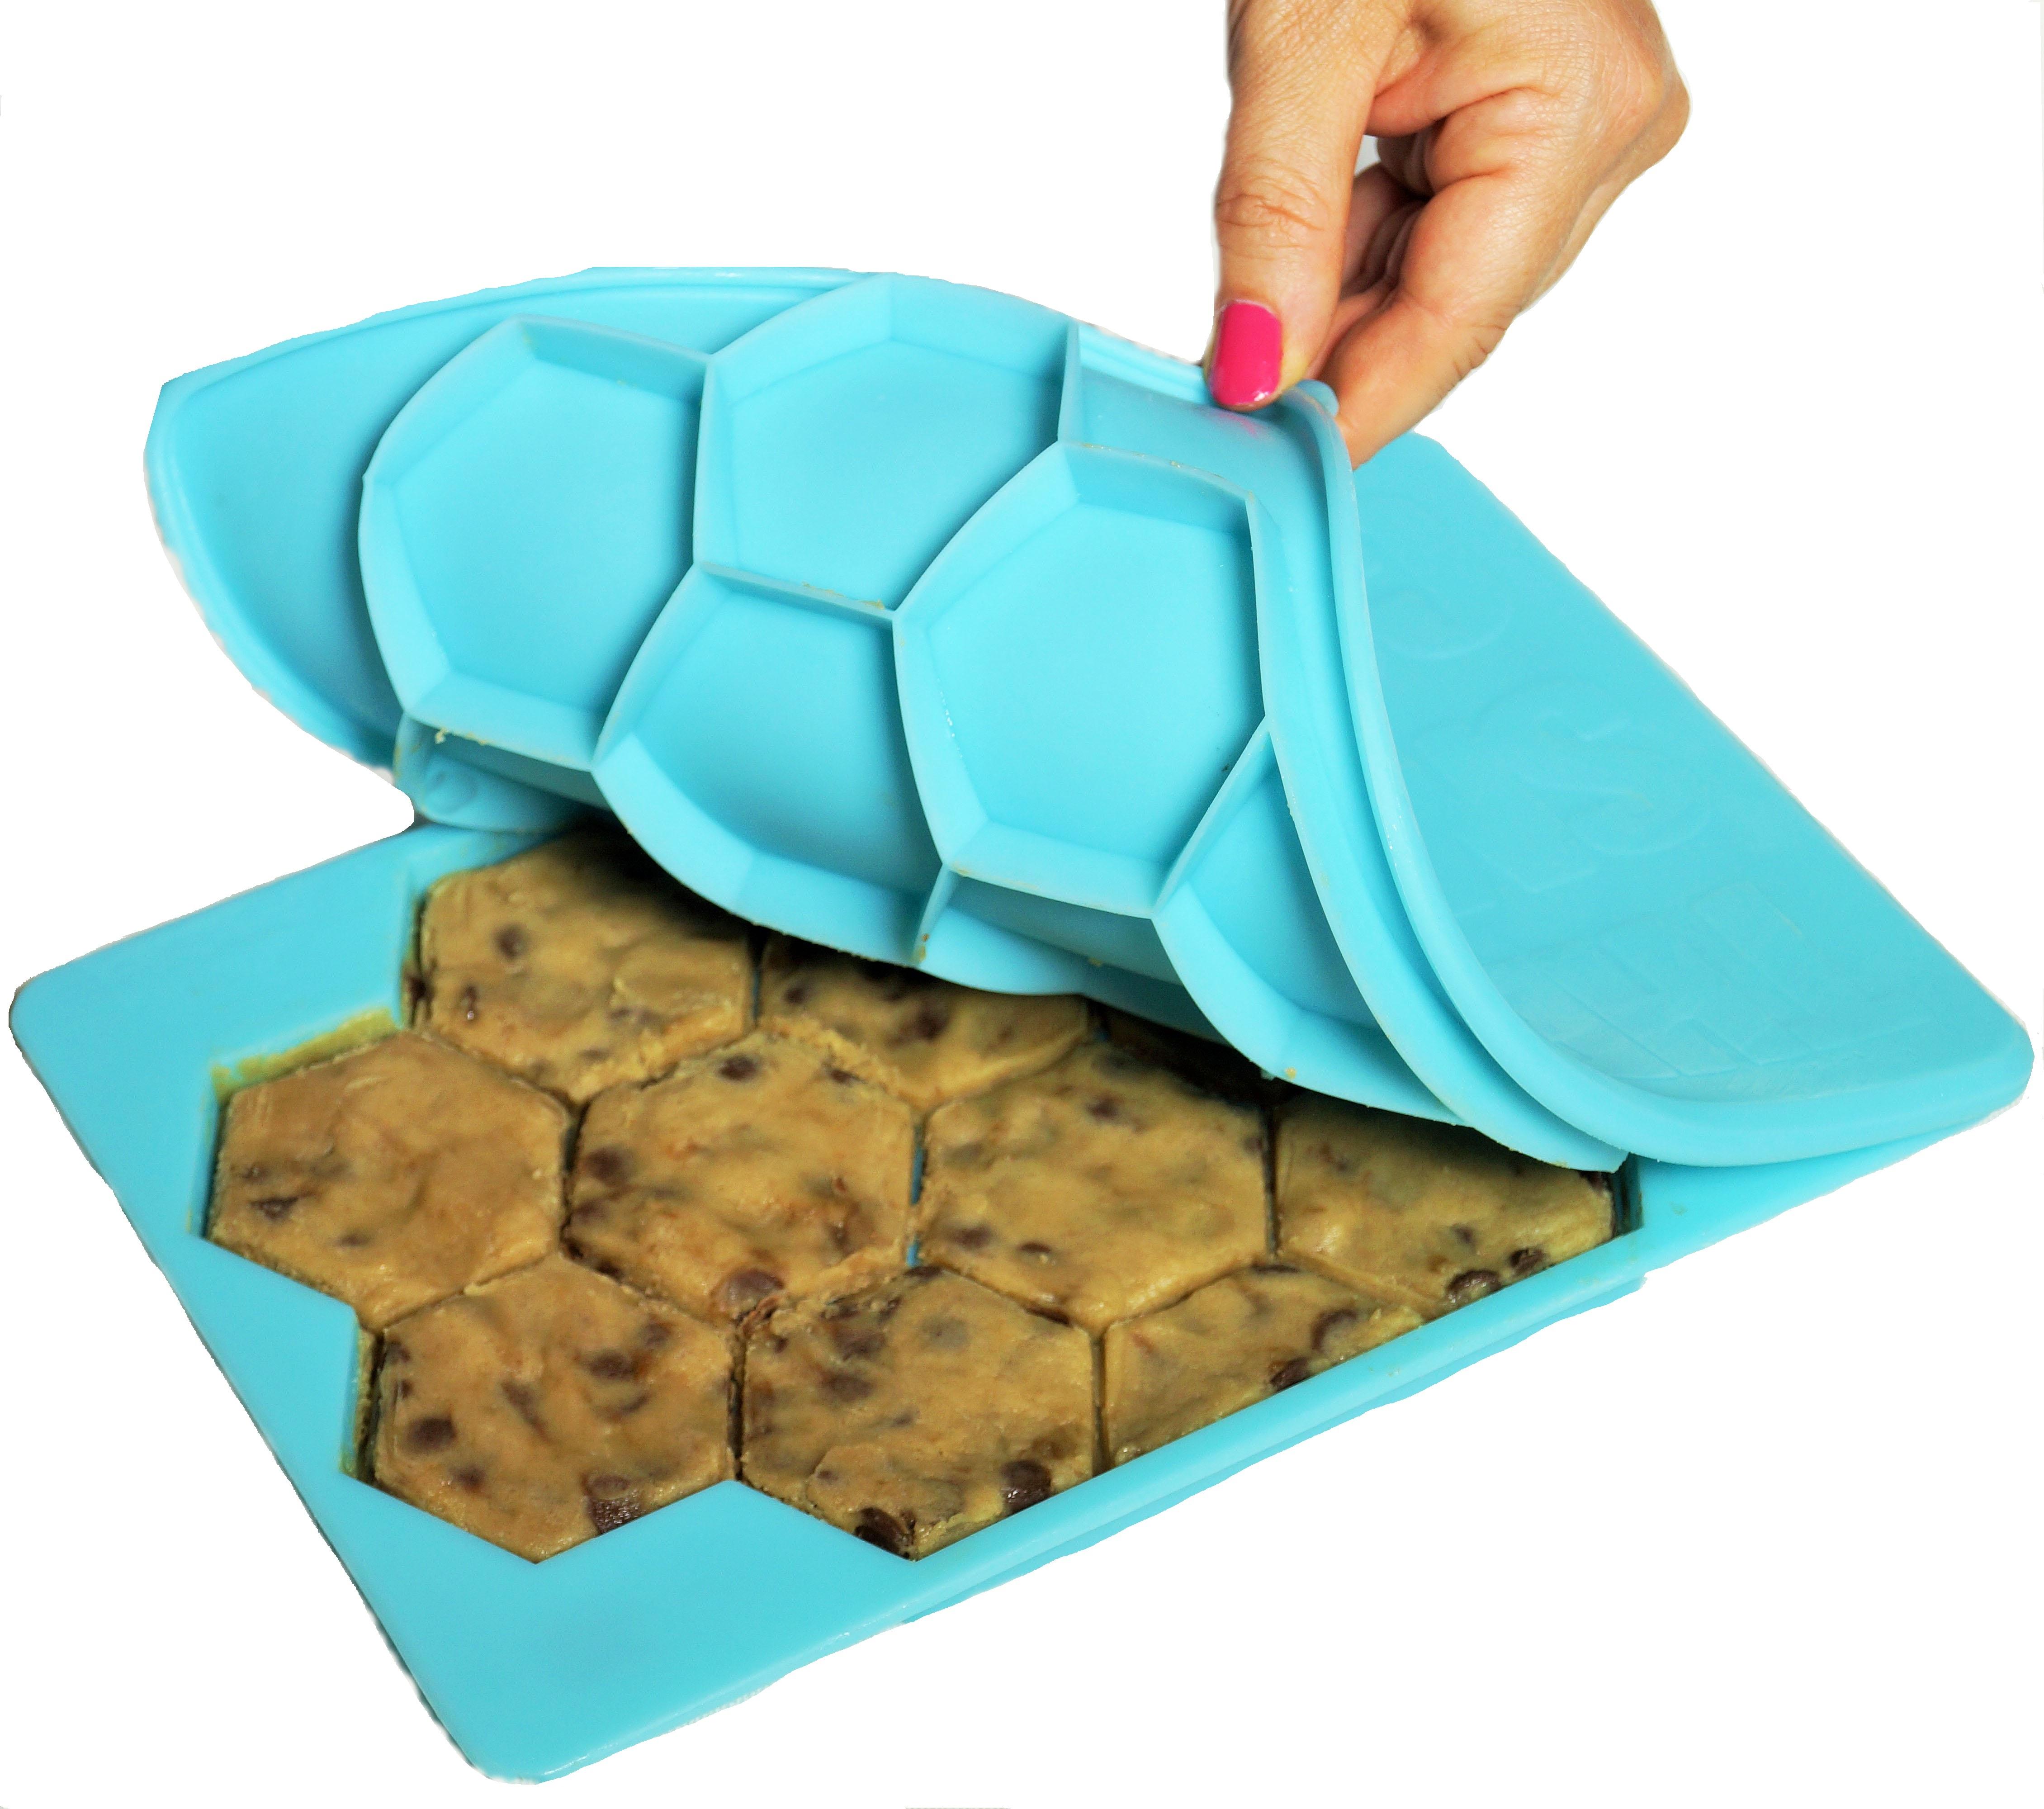 Baking clipart cookie dough Panda Smart smart%20cookie%20clip%20art Images Clip